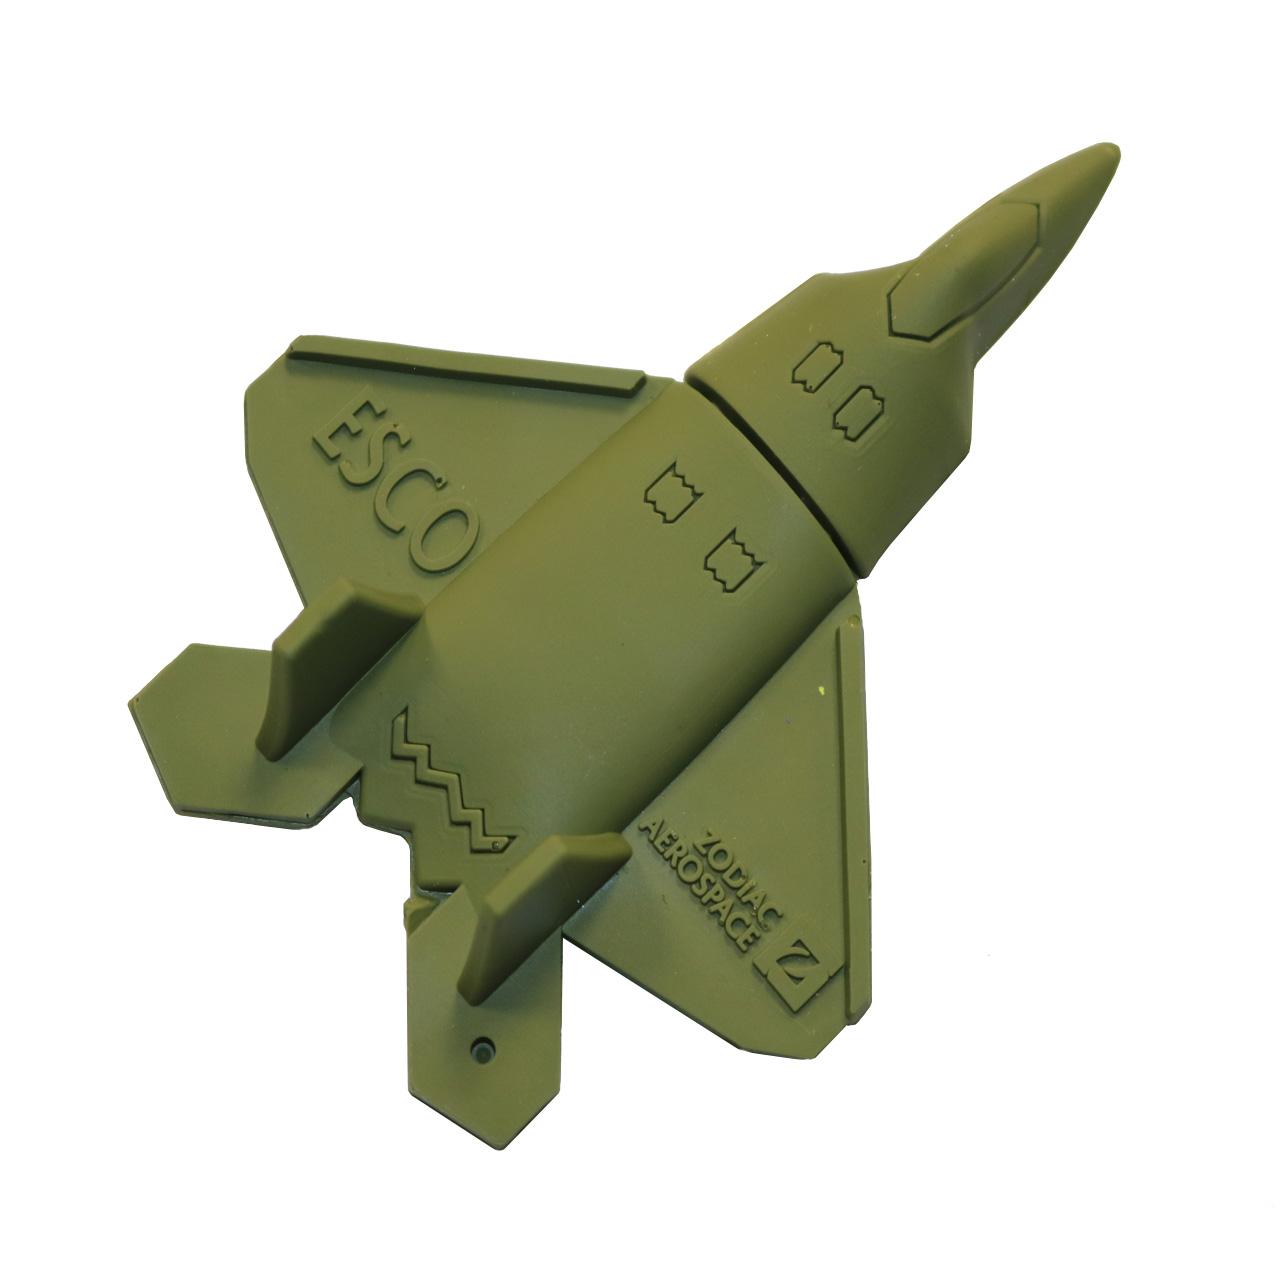 بررسی و {خرید با تخفیف} فلش مموری طرح هواپیمای جنگی مدل Ul-Warlane ظرفیت 128 گیگابایت اصل